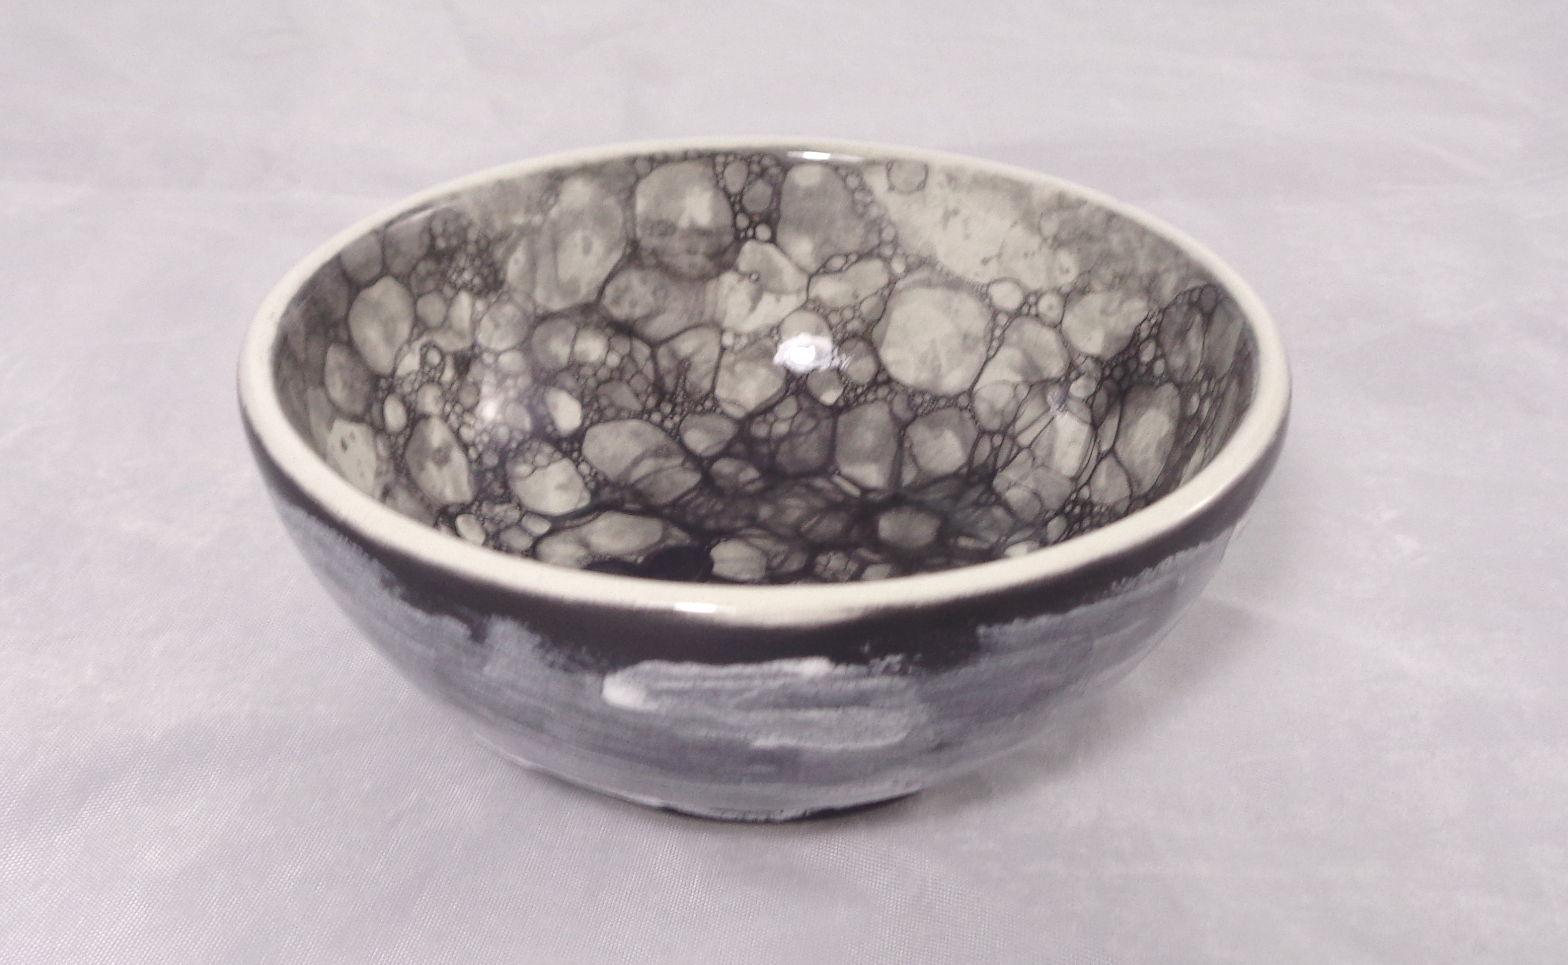 Bemalte Keramik schwarzes Blubber-Schälchen